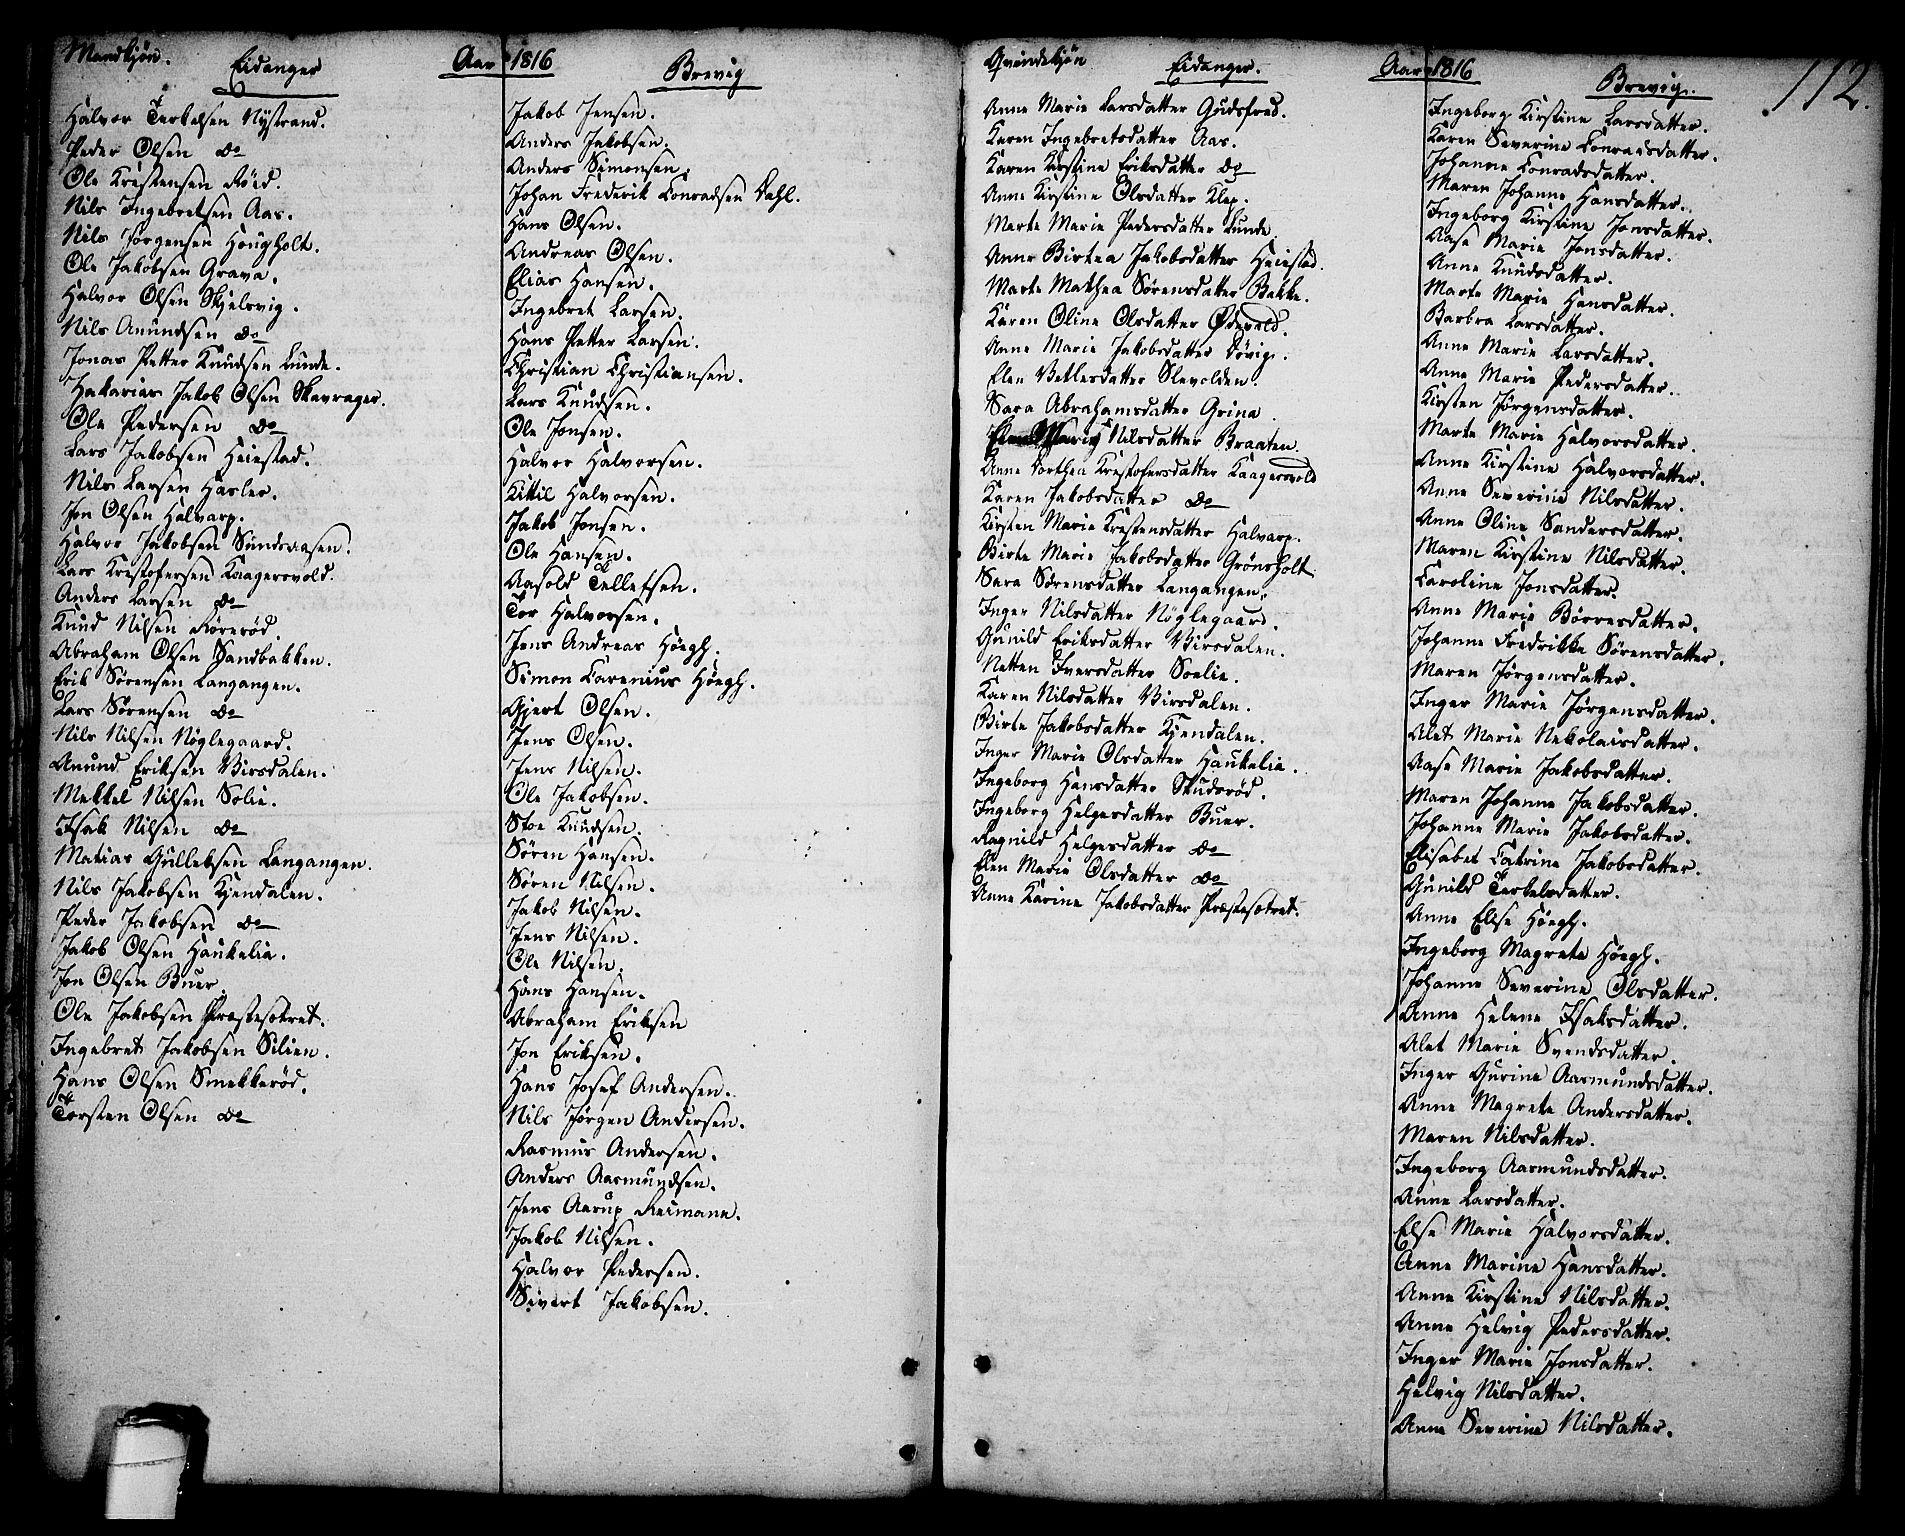 SAKO, Brevik kirkebøker, F/Fa/L0003: Ministerialbok nr. 3, 1764-1814, s. 112